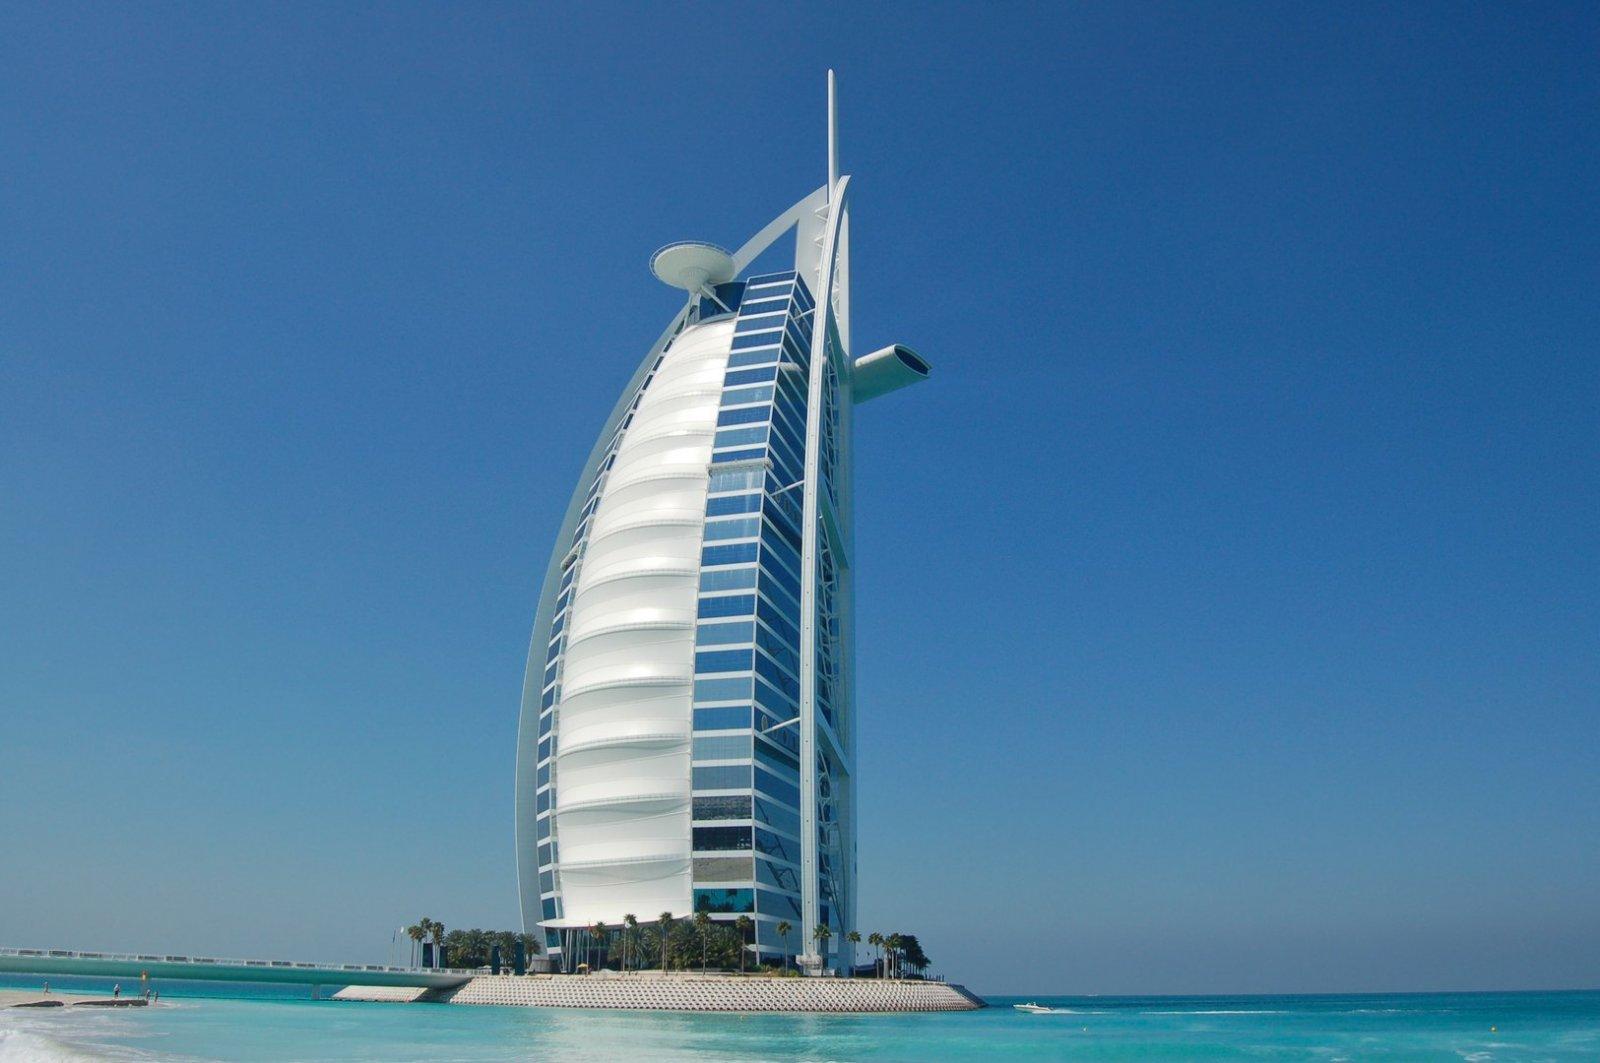 Burj Al Arab Megaconstrucciones Extreme Engineering